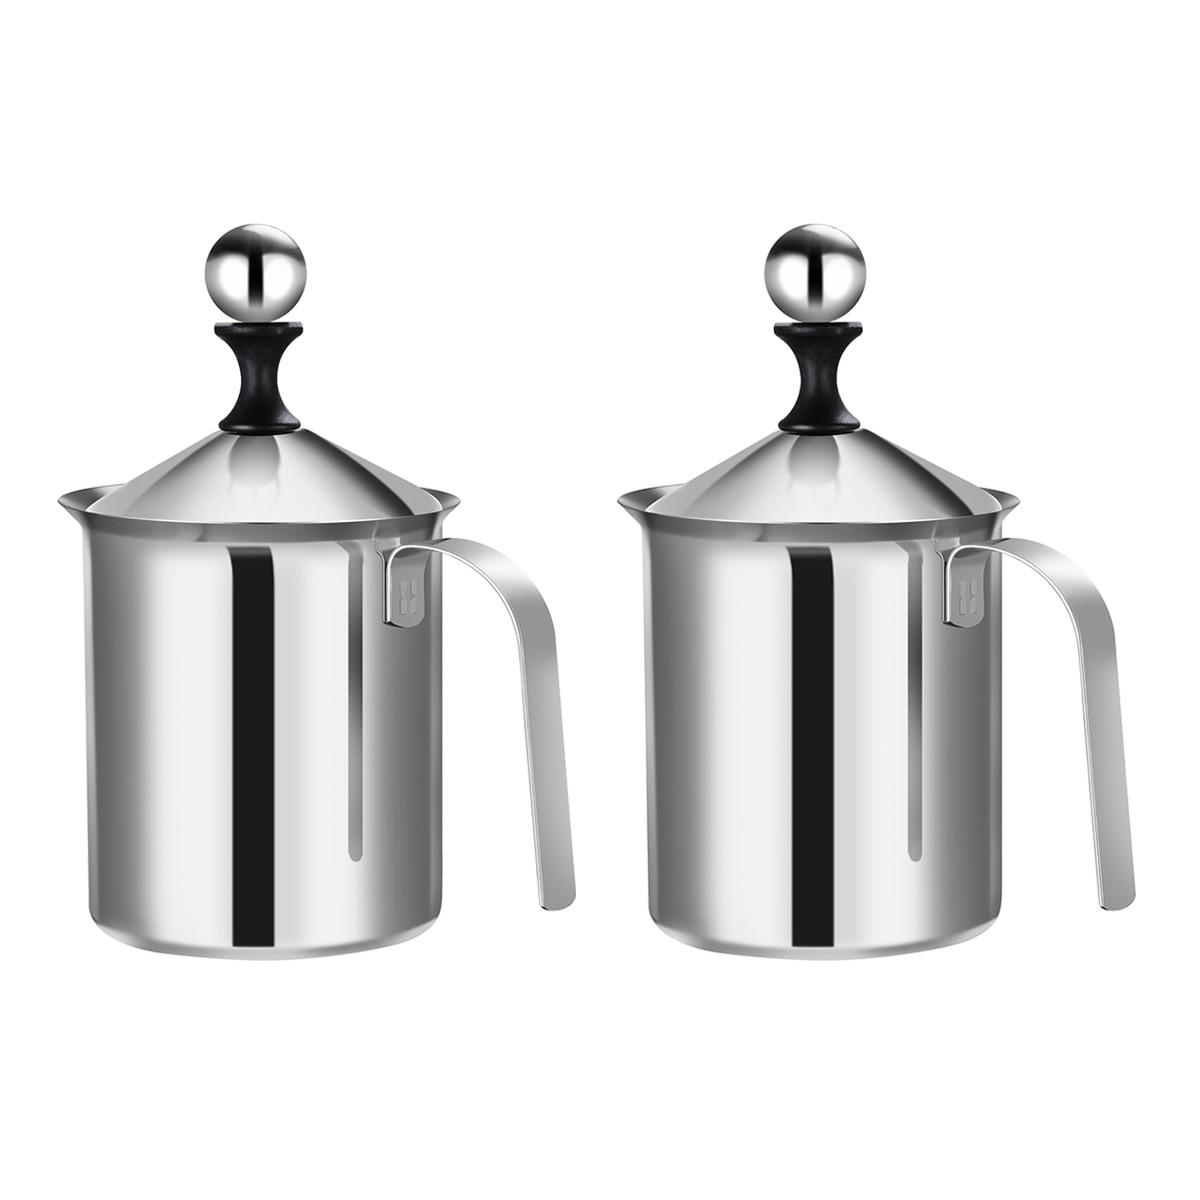 2 قطعة مصفاة مزدوجة الفولاذ المقاوم للصدأ رغوة Frothing إبريق دليل Frother أواني القهوة (800CC)